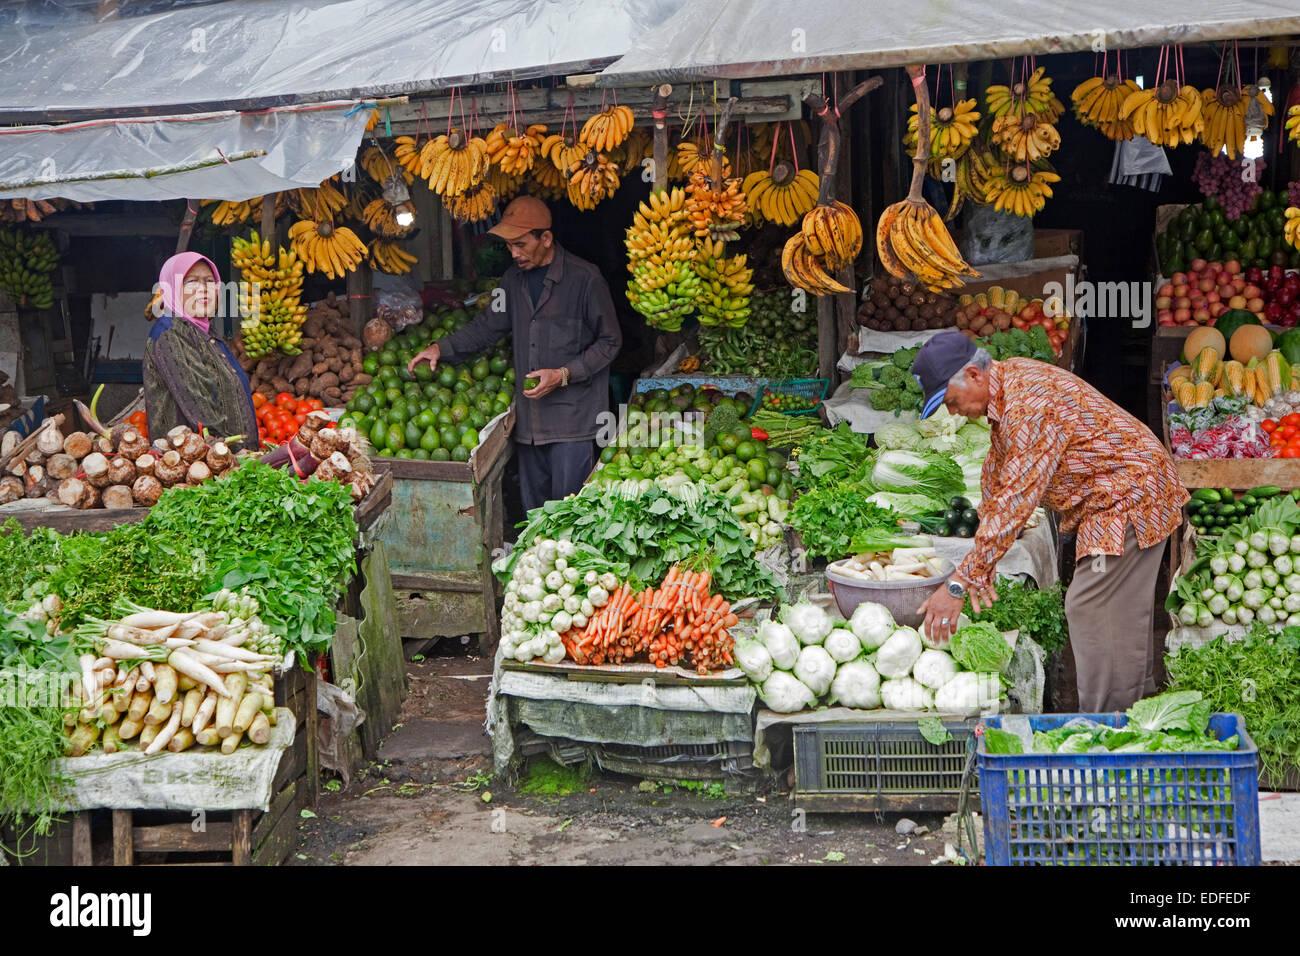 Indonesische Anbieter verkaufen Obst und Gemüse auf dem Display auf Lebensmittelgeschäft, Bogor Regency Stockbild